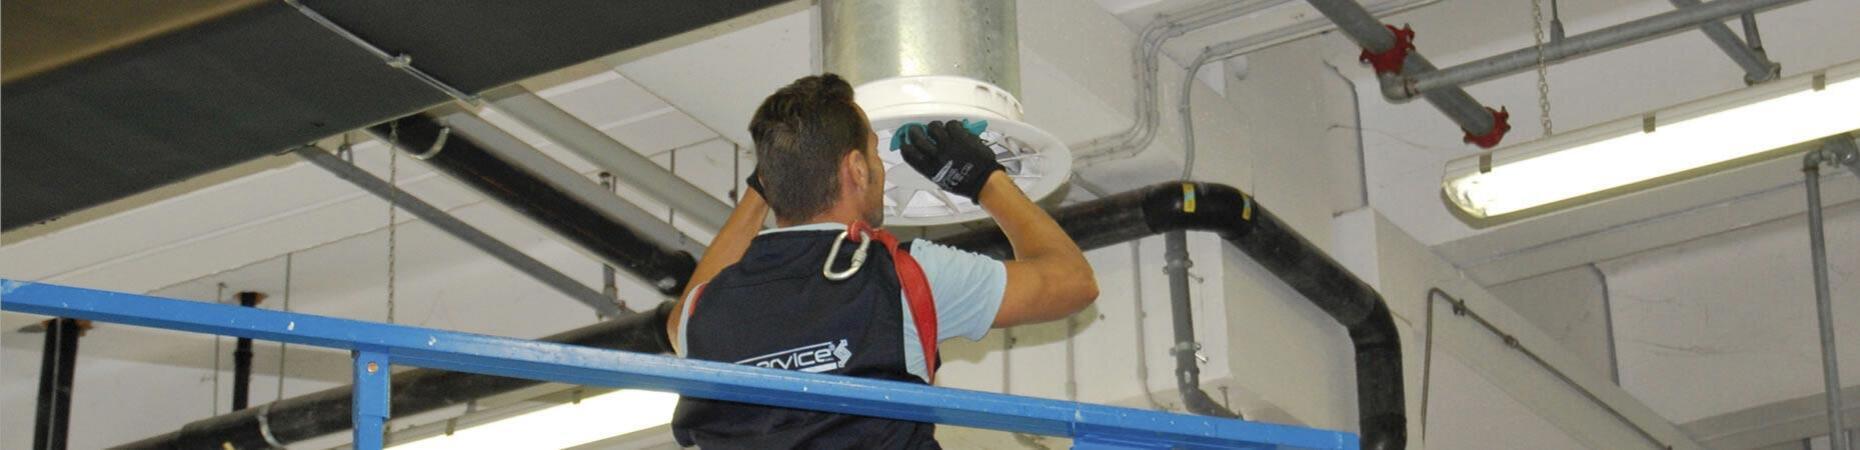 ecoservice-ravenna it pulizia-e-sanificazione-condotti-aria-ravenna 005